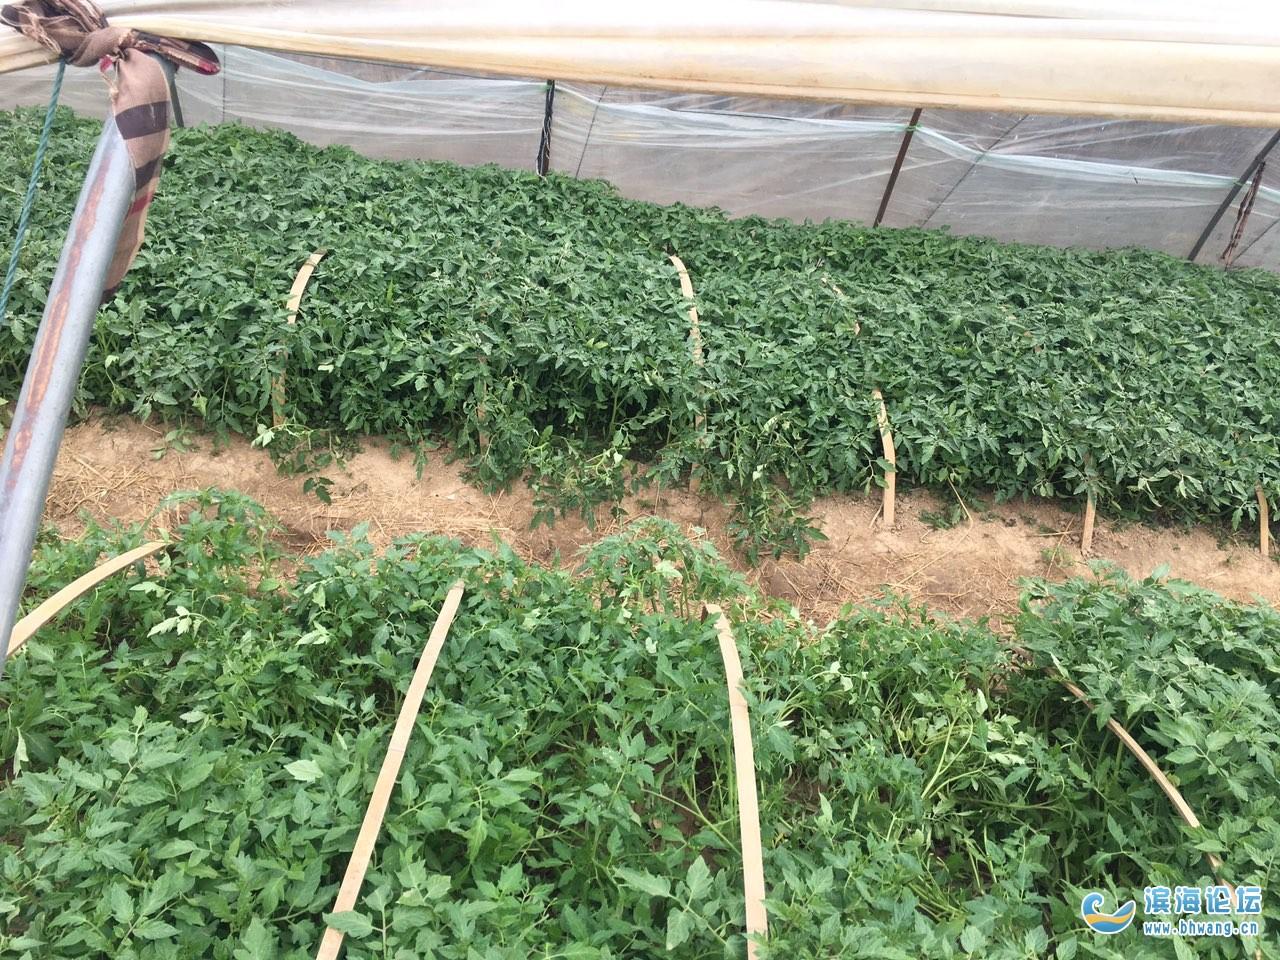 自家種的蔬菜苗,辣椒,番茄,黃瓜,絲瓜茄子,以及其